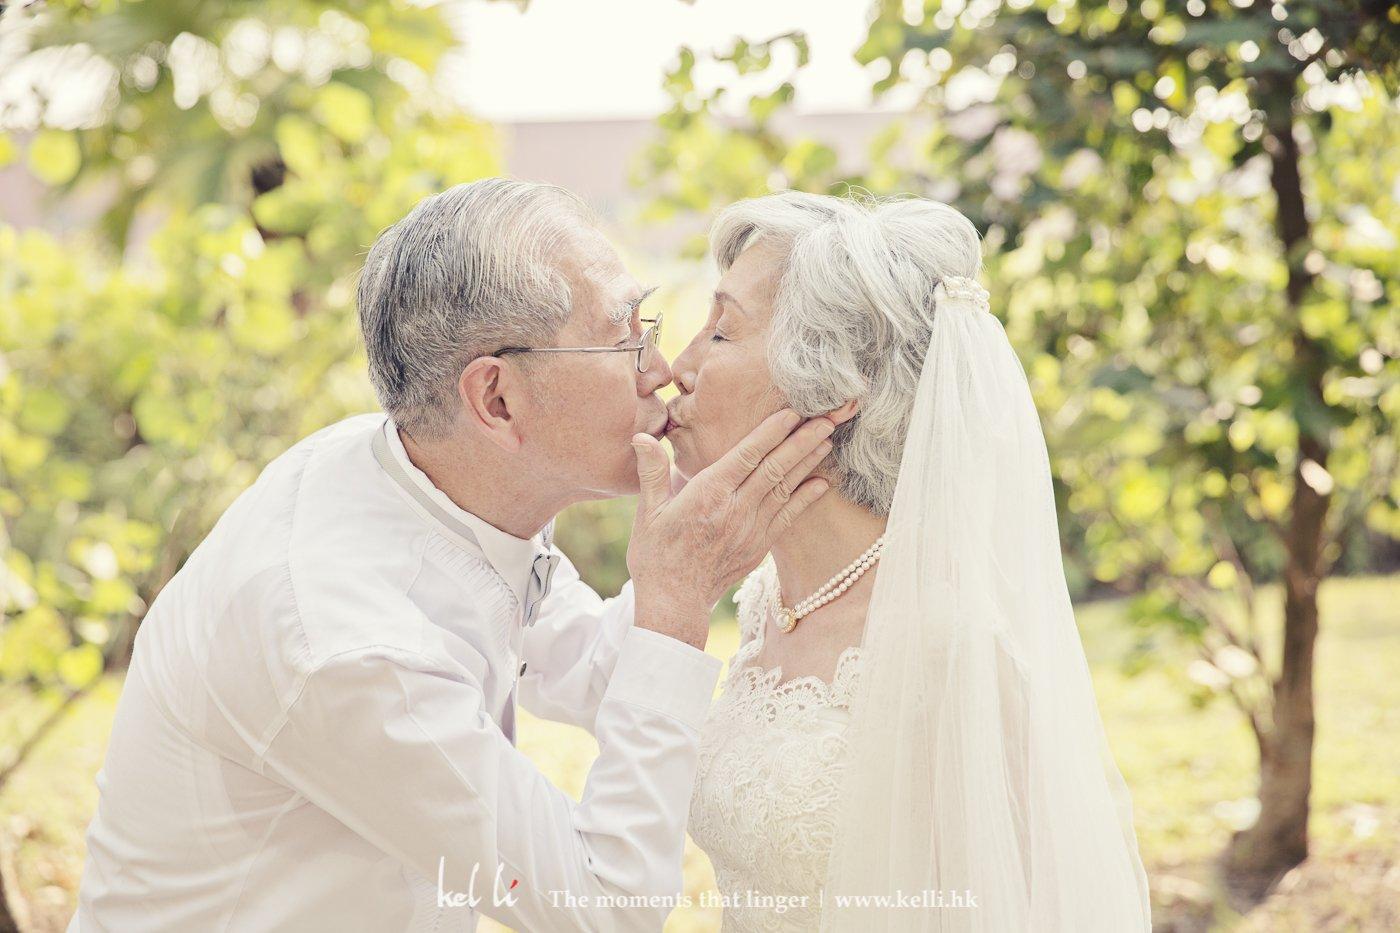 到年老還一樣能互相親吻,這是幸福的